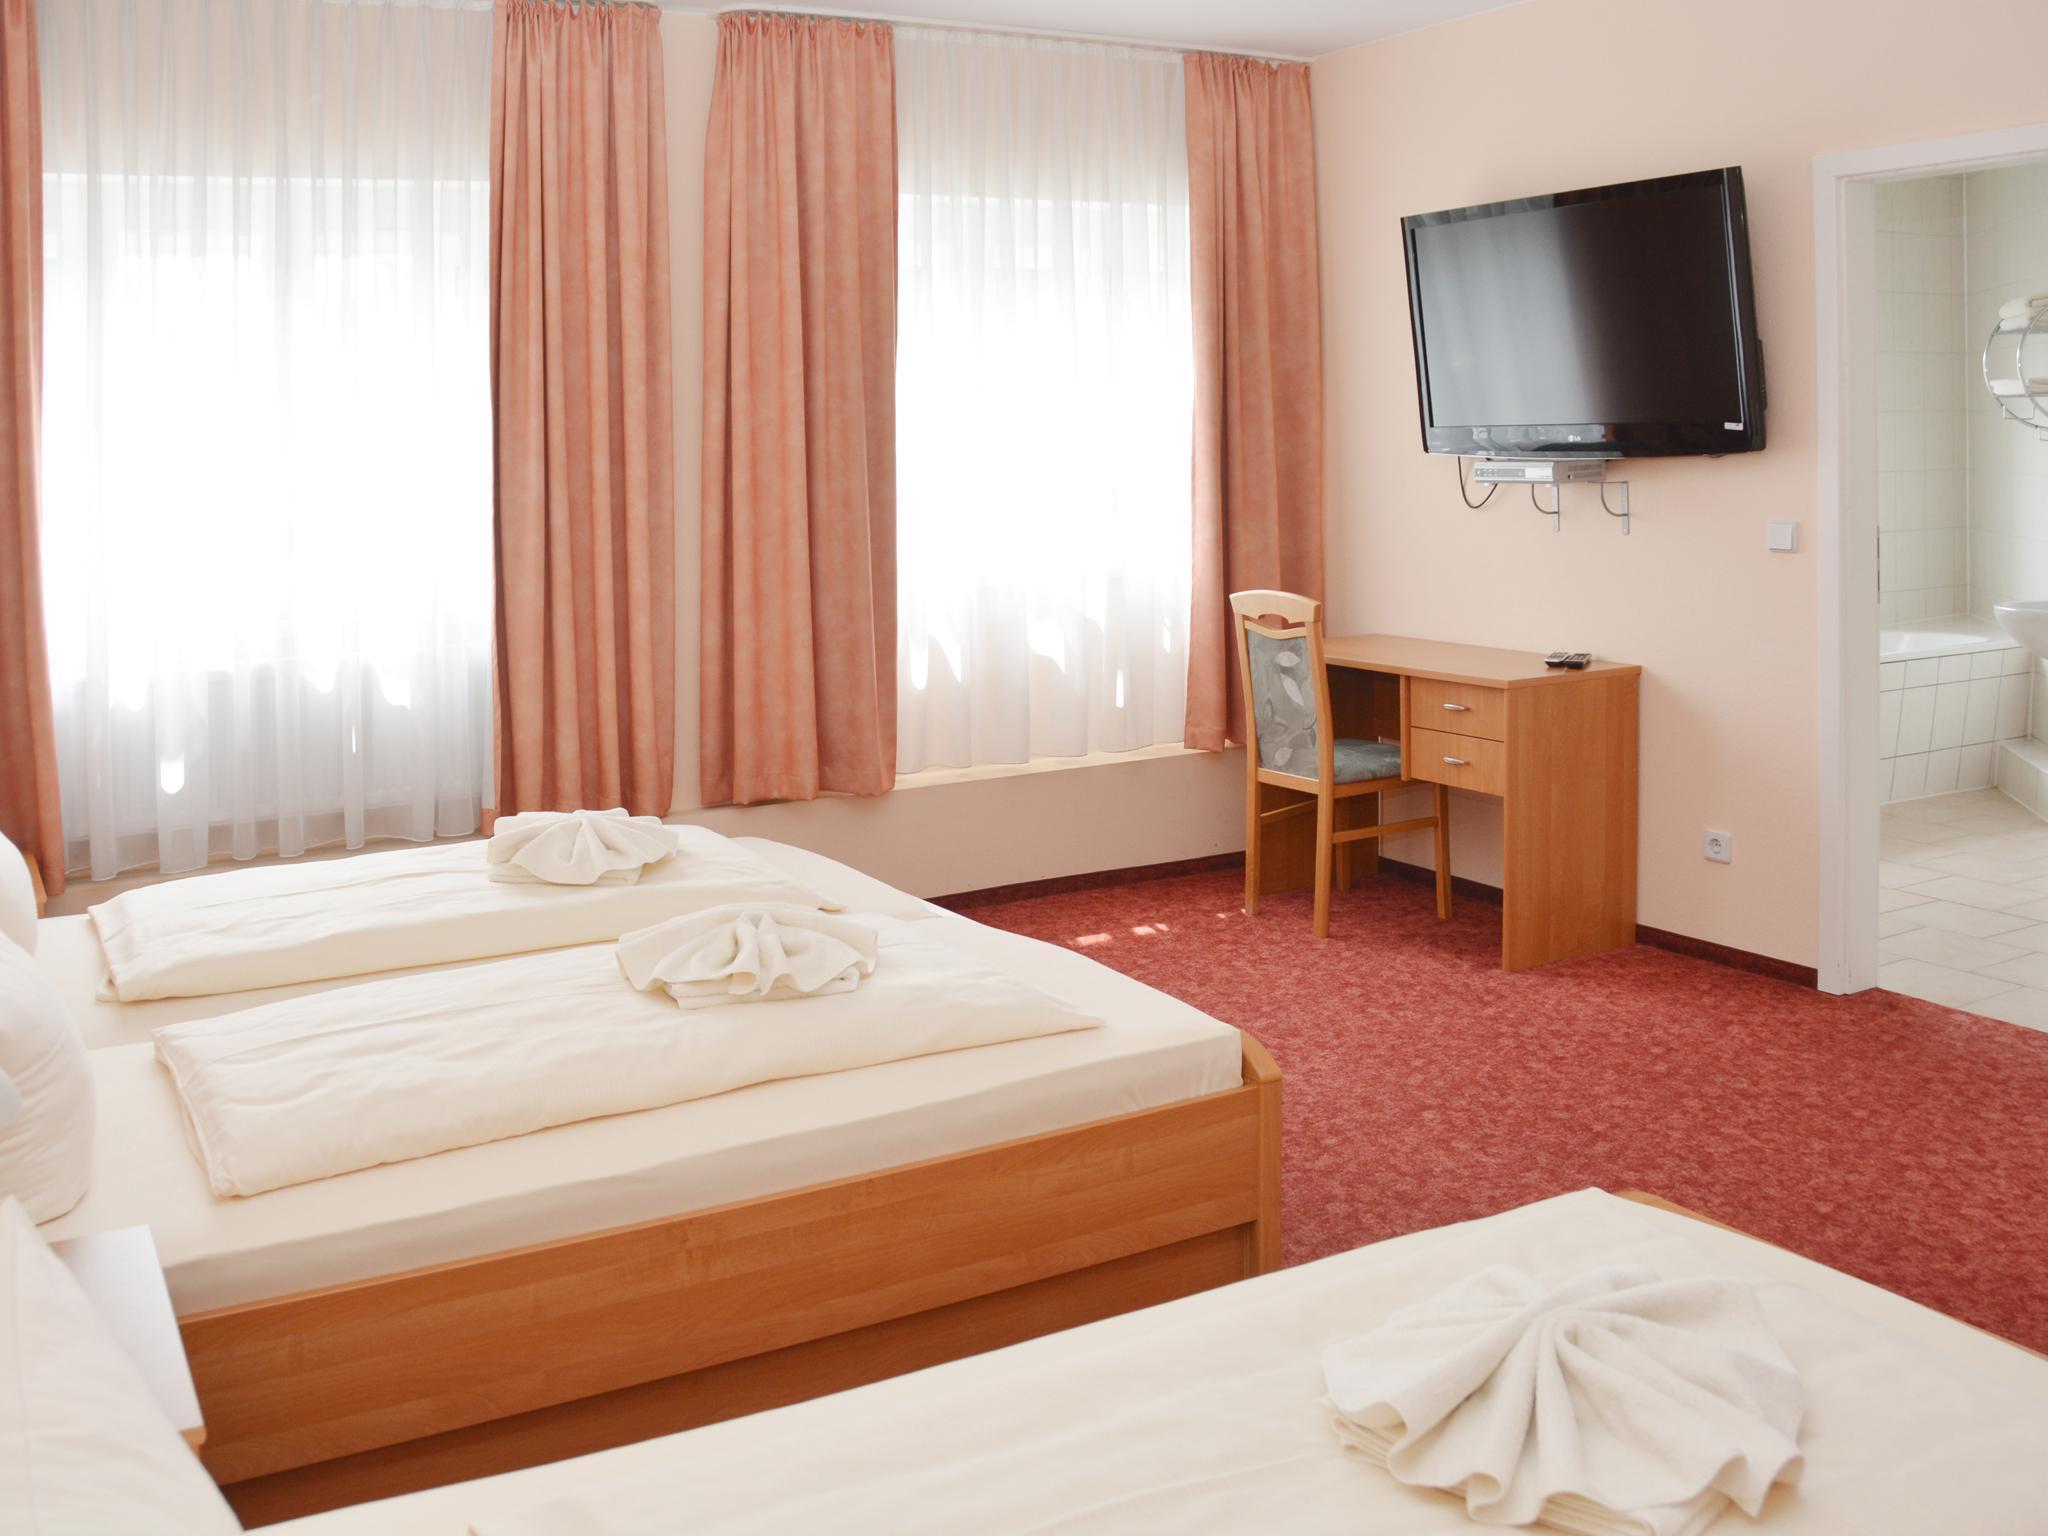 Hotel Bonverde Berlin Ab 32 Agoda Com